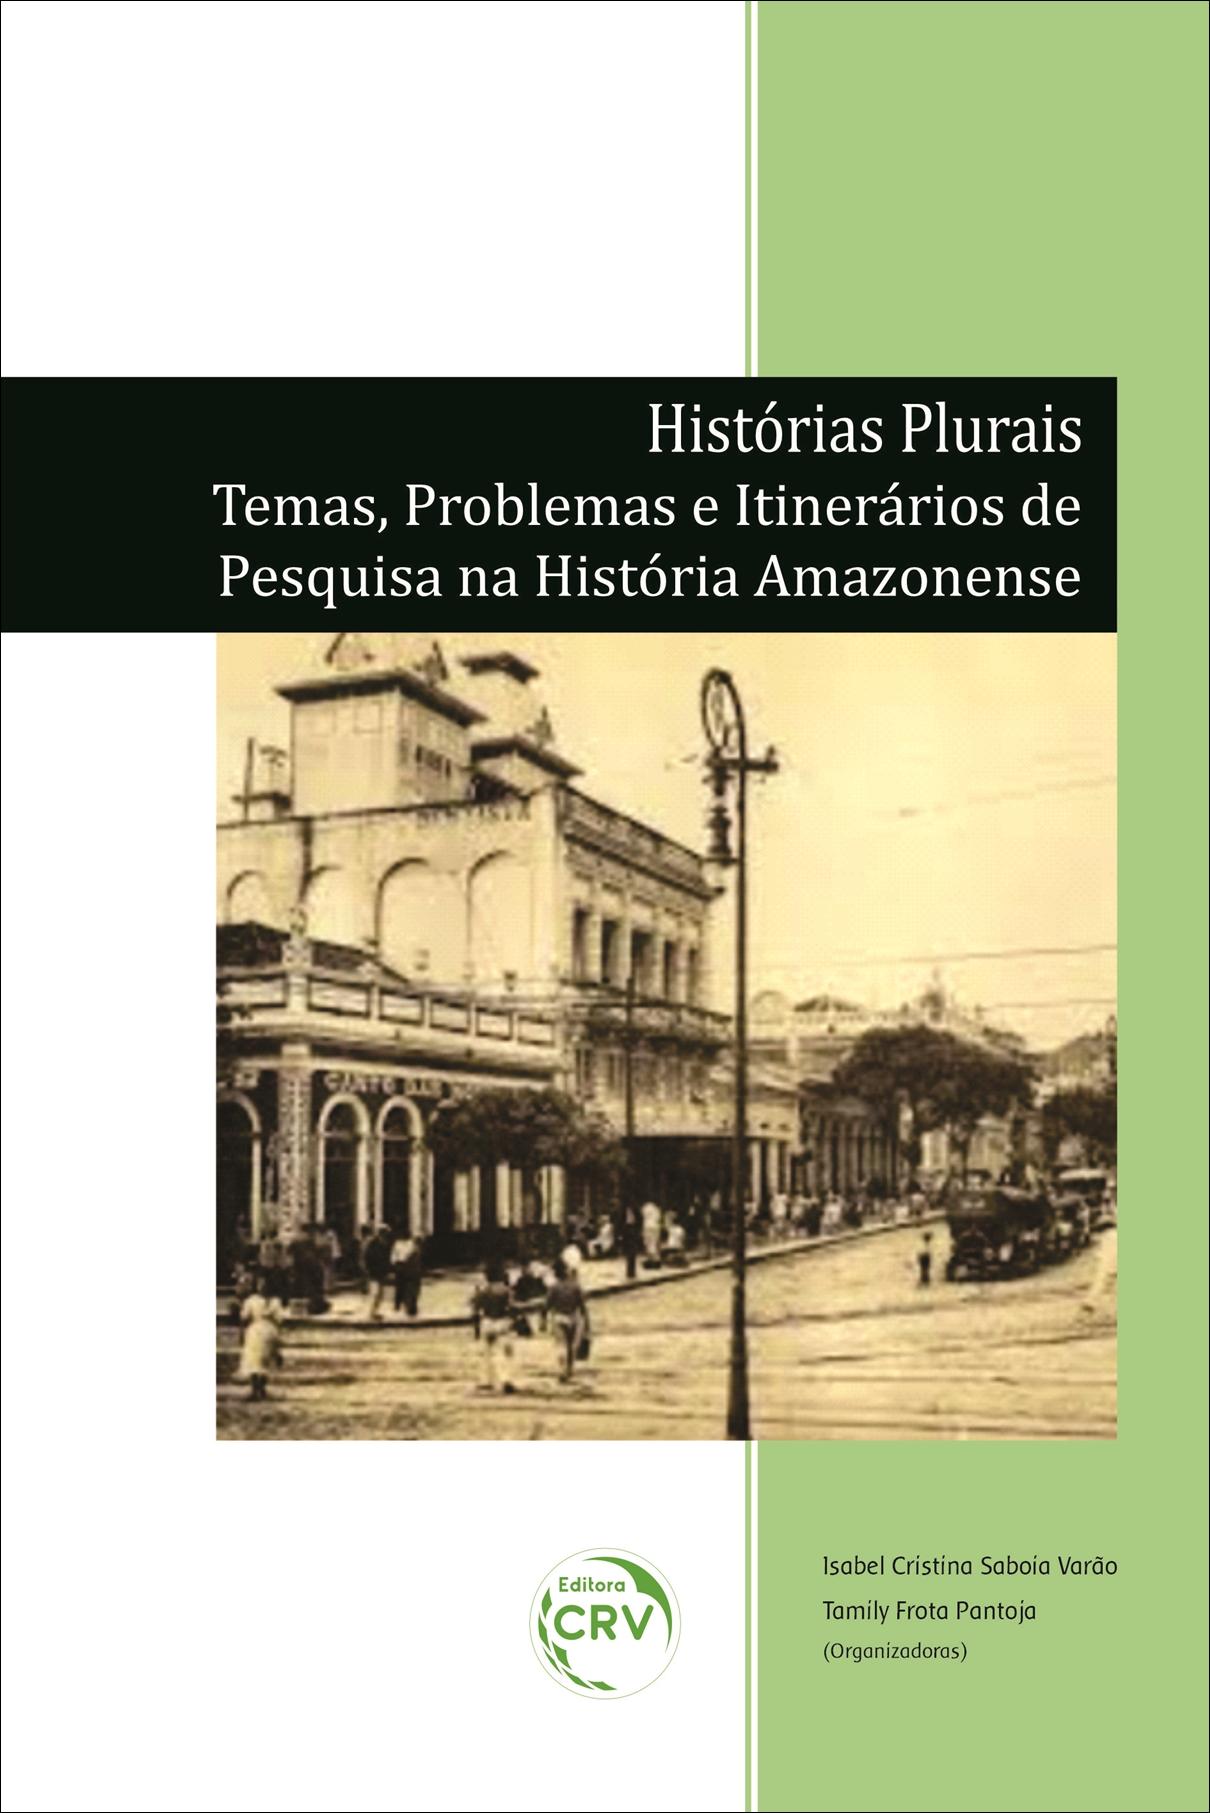 Capa do livro: HISTÓRIAS PLURAIS: <br>Temas, Problemas e Itinerários de Pesquisa na História Amazonense